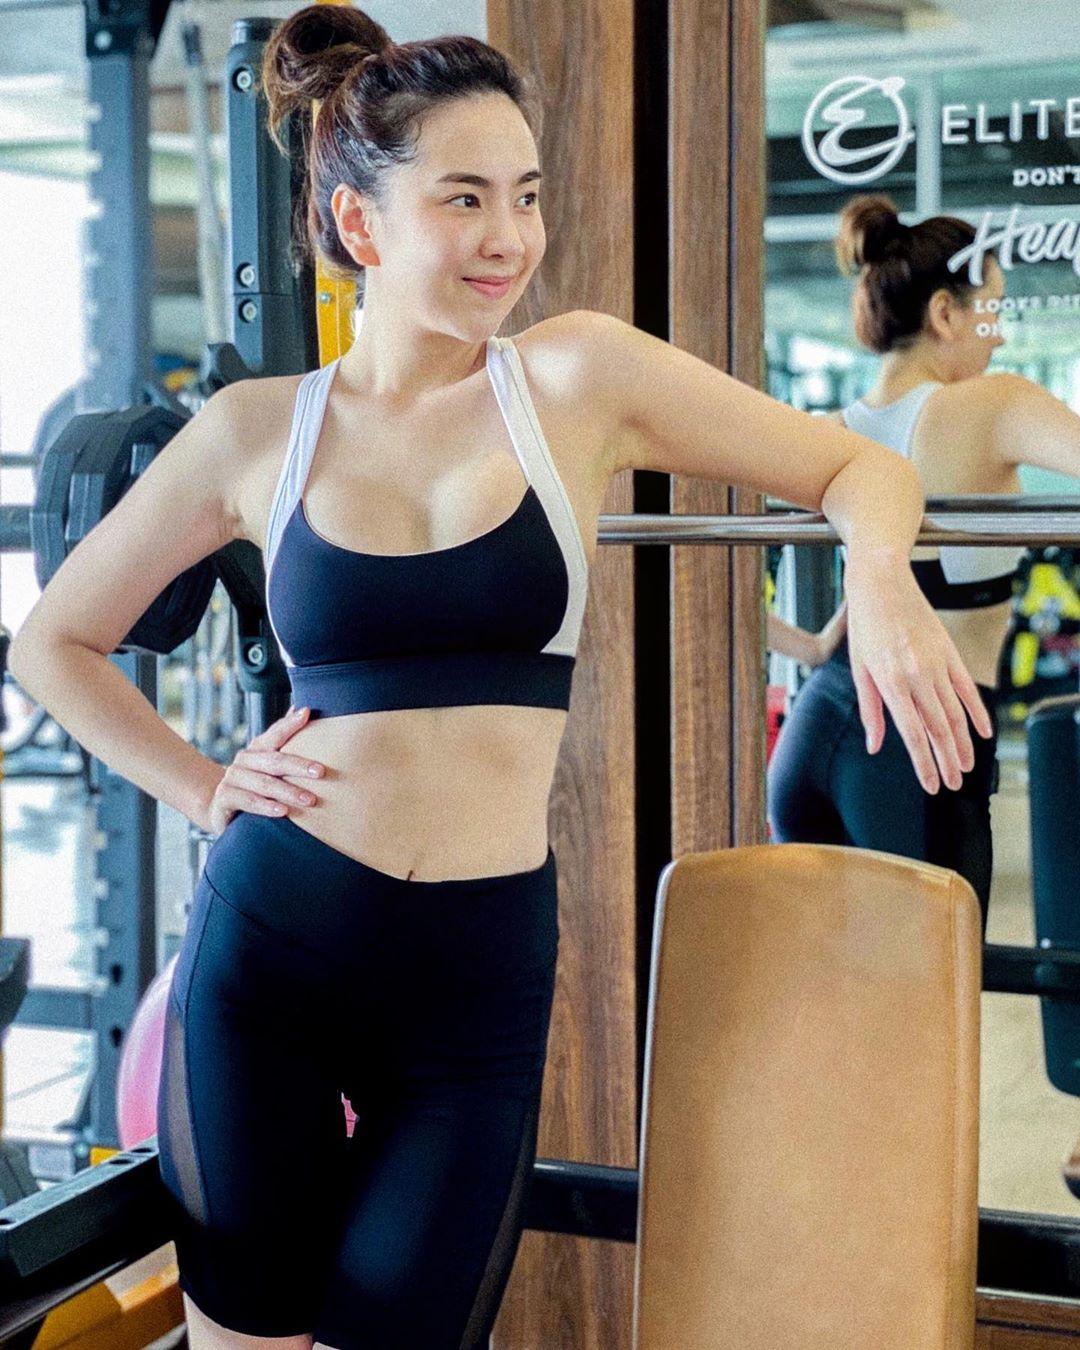 MC Mai Ngọc trông thế mà sexy ra trò, diện đồ gợi cảm khoe body và cơ bụng săn chắc thì gái đôi mươi cũng phải 'chạy dài' 2